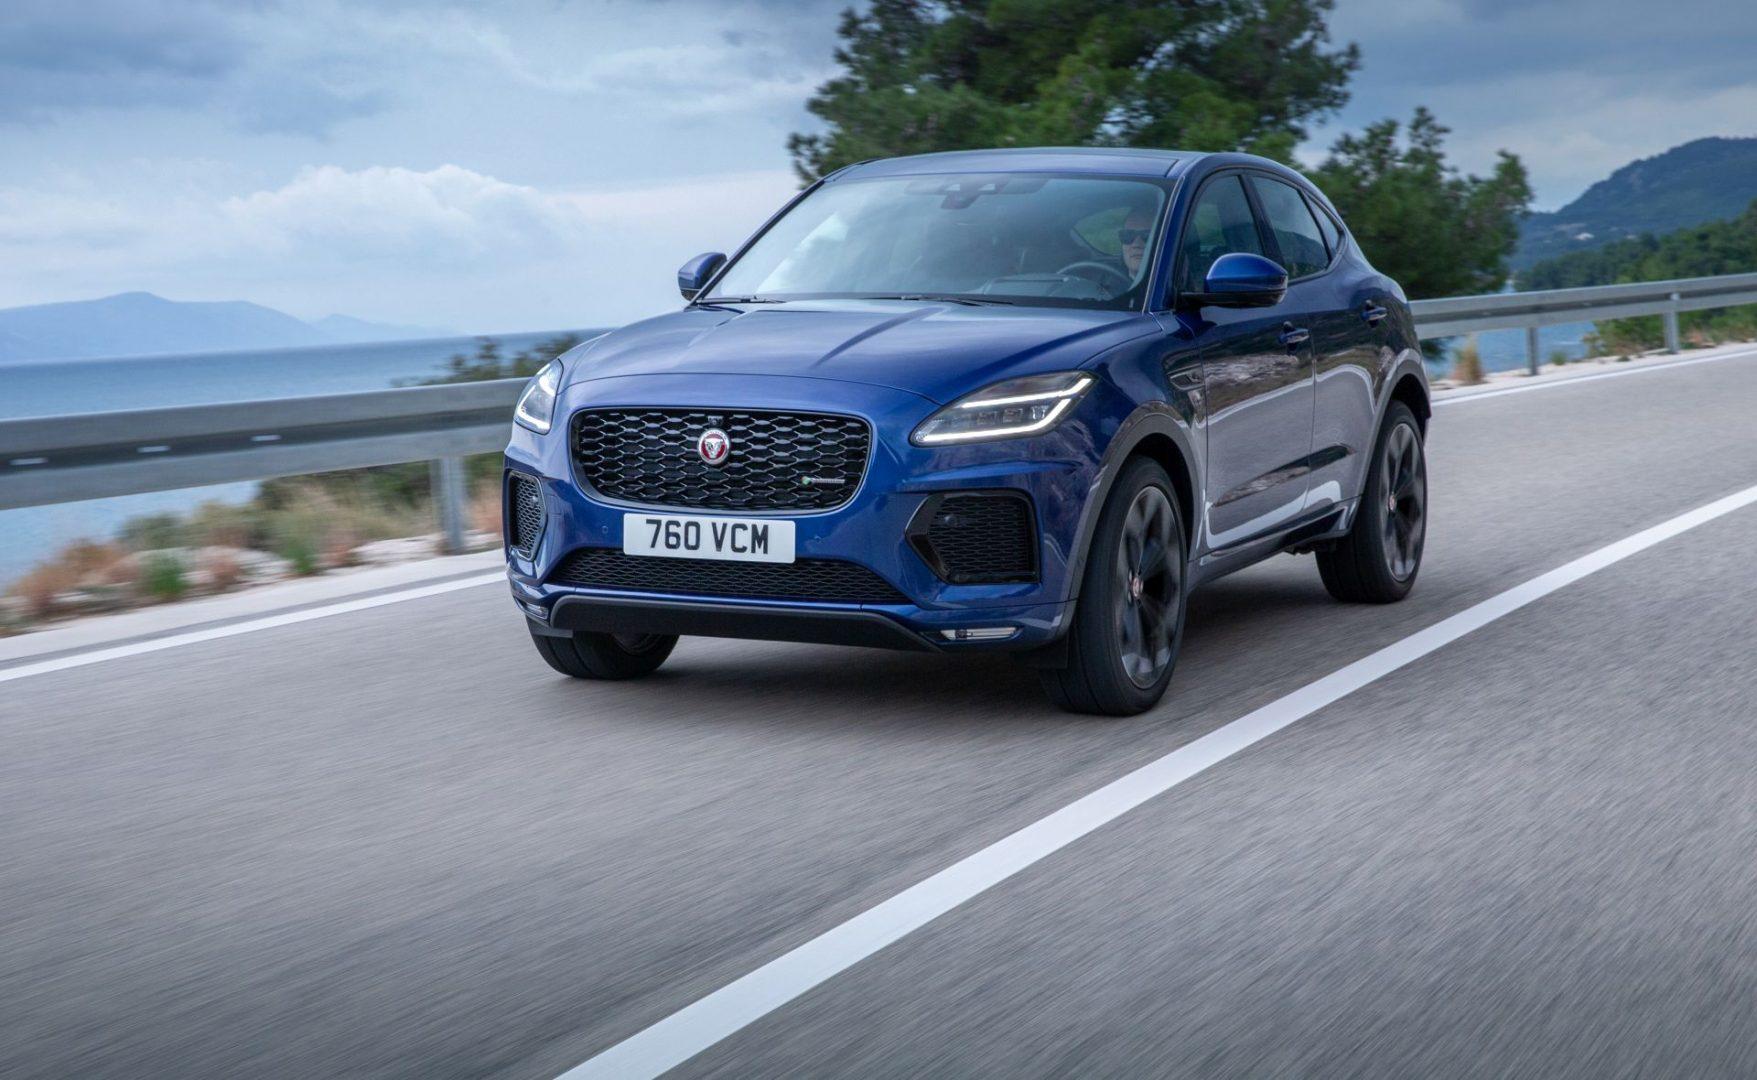 Jaguar najavio osvježeni E-Pace koji je sada dostupan i u plug-in hibridnoj izvedbi